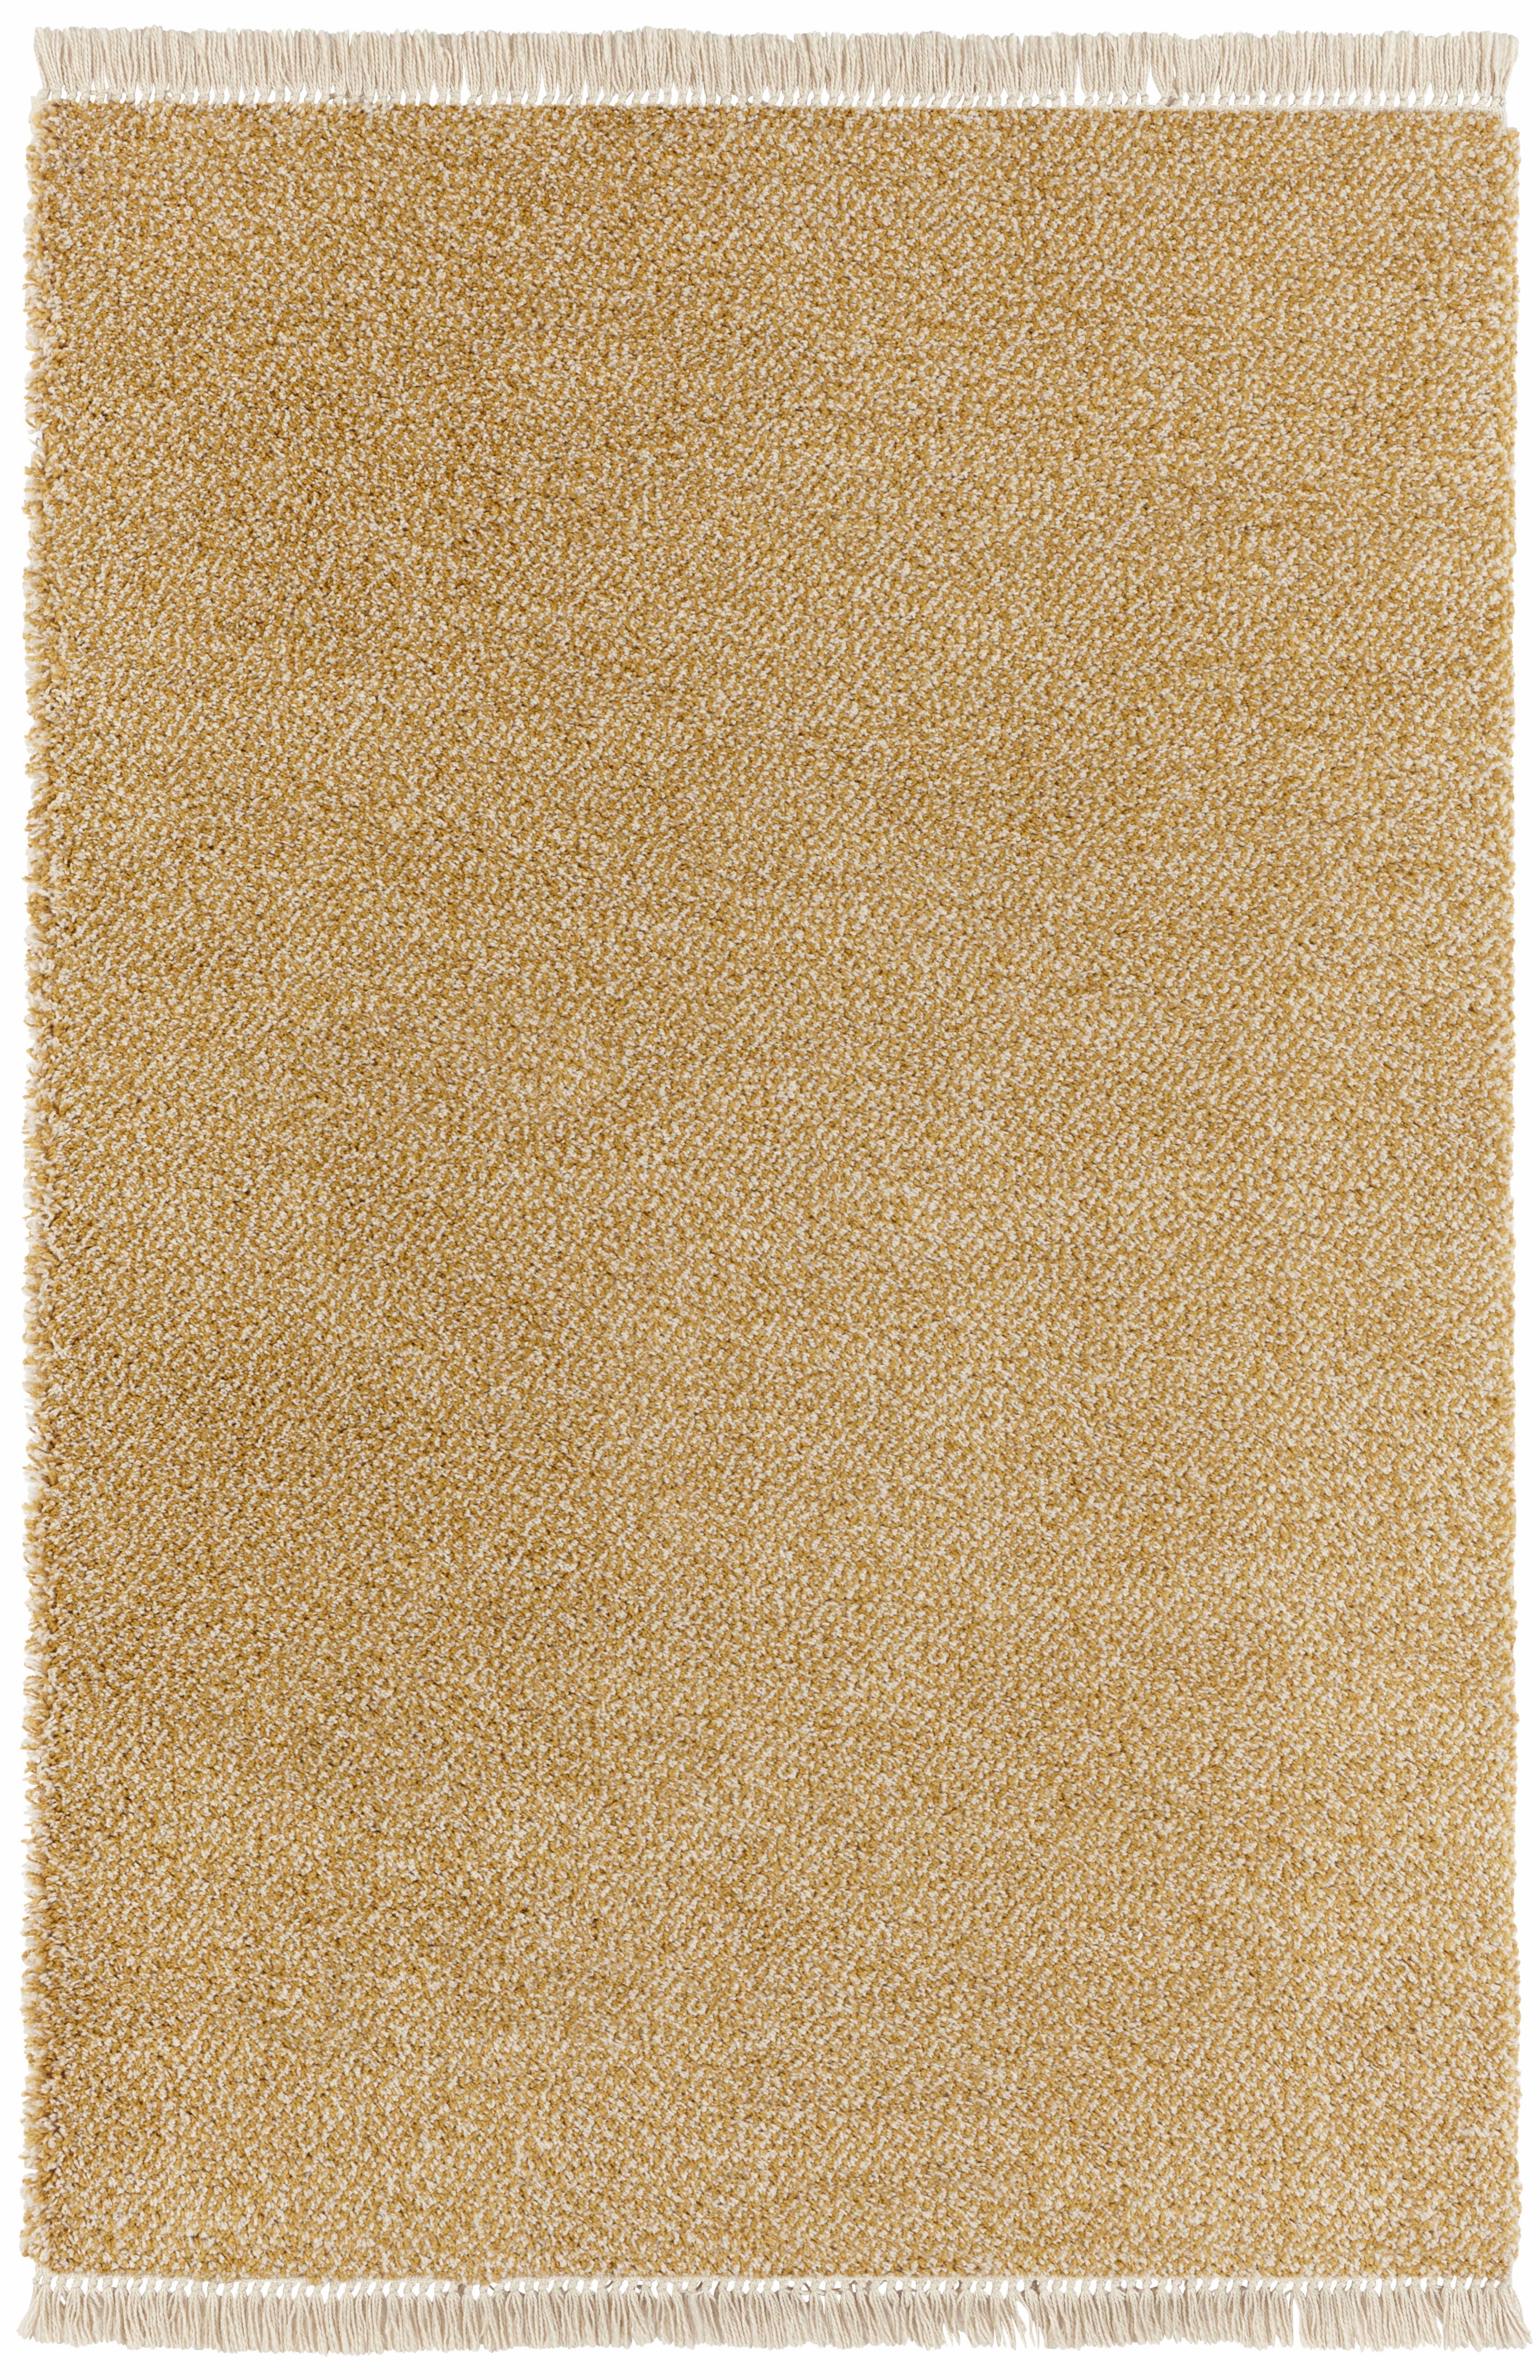 Hochflor-Teppich, »Aloe«, freundin Home Collection, rechteckig, Höhe 35 mm, maschinell gewebt | Heimtextilien > Teppiche > Hochflorteppiche | Gelb | FREUNDIN